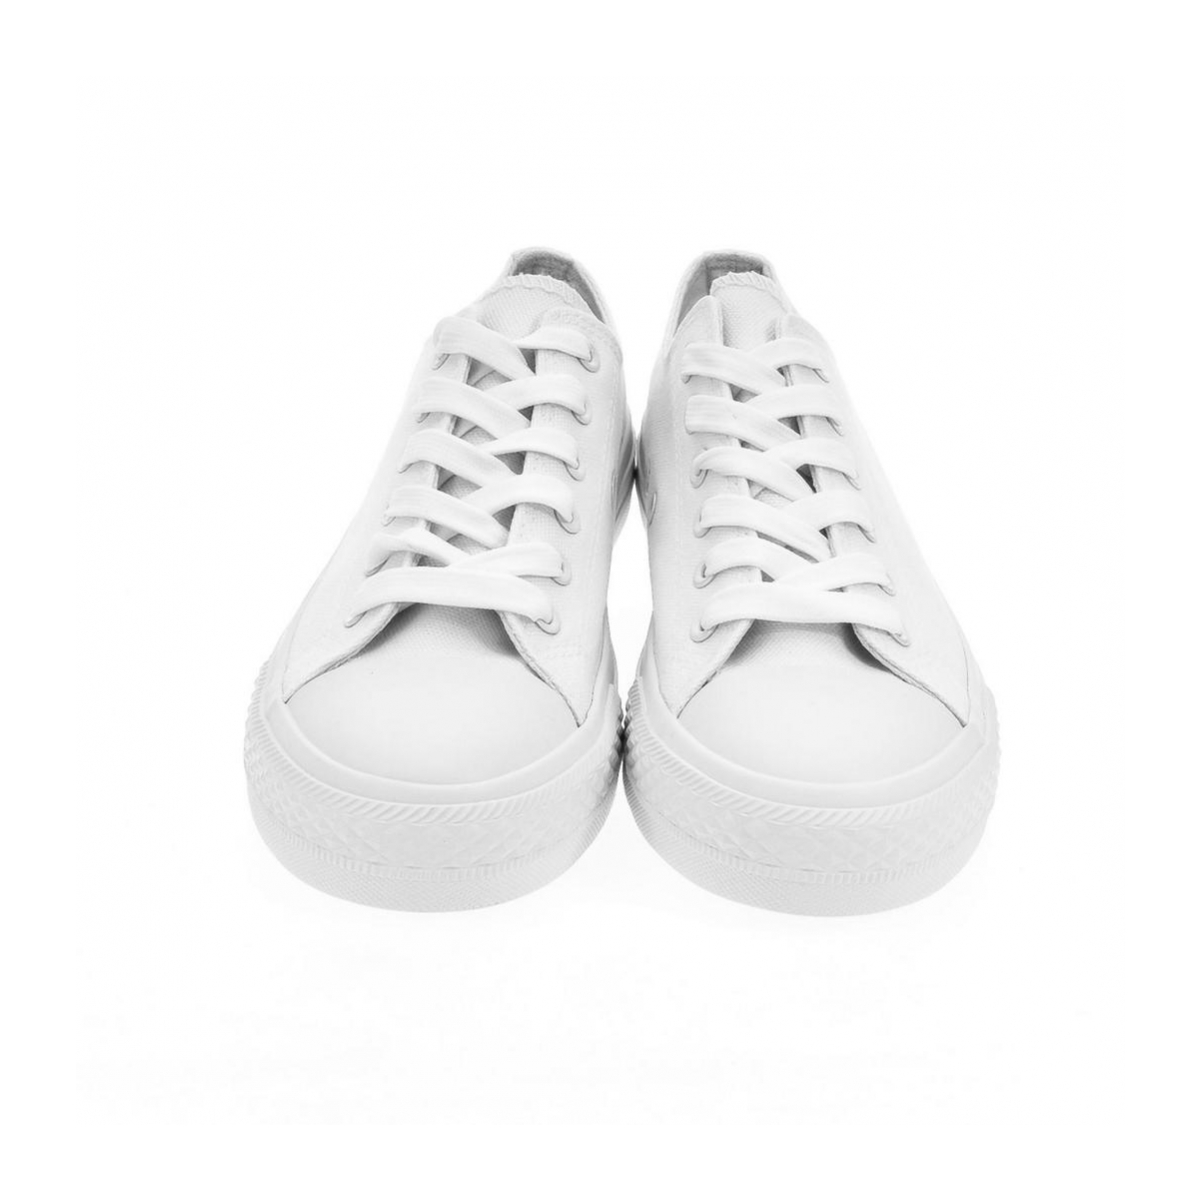 673fa06c0623 Dámske biele tenisky REINA - 3